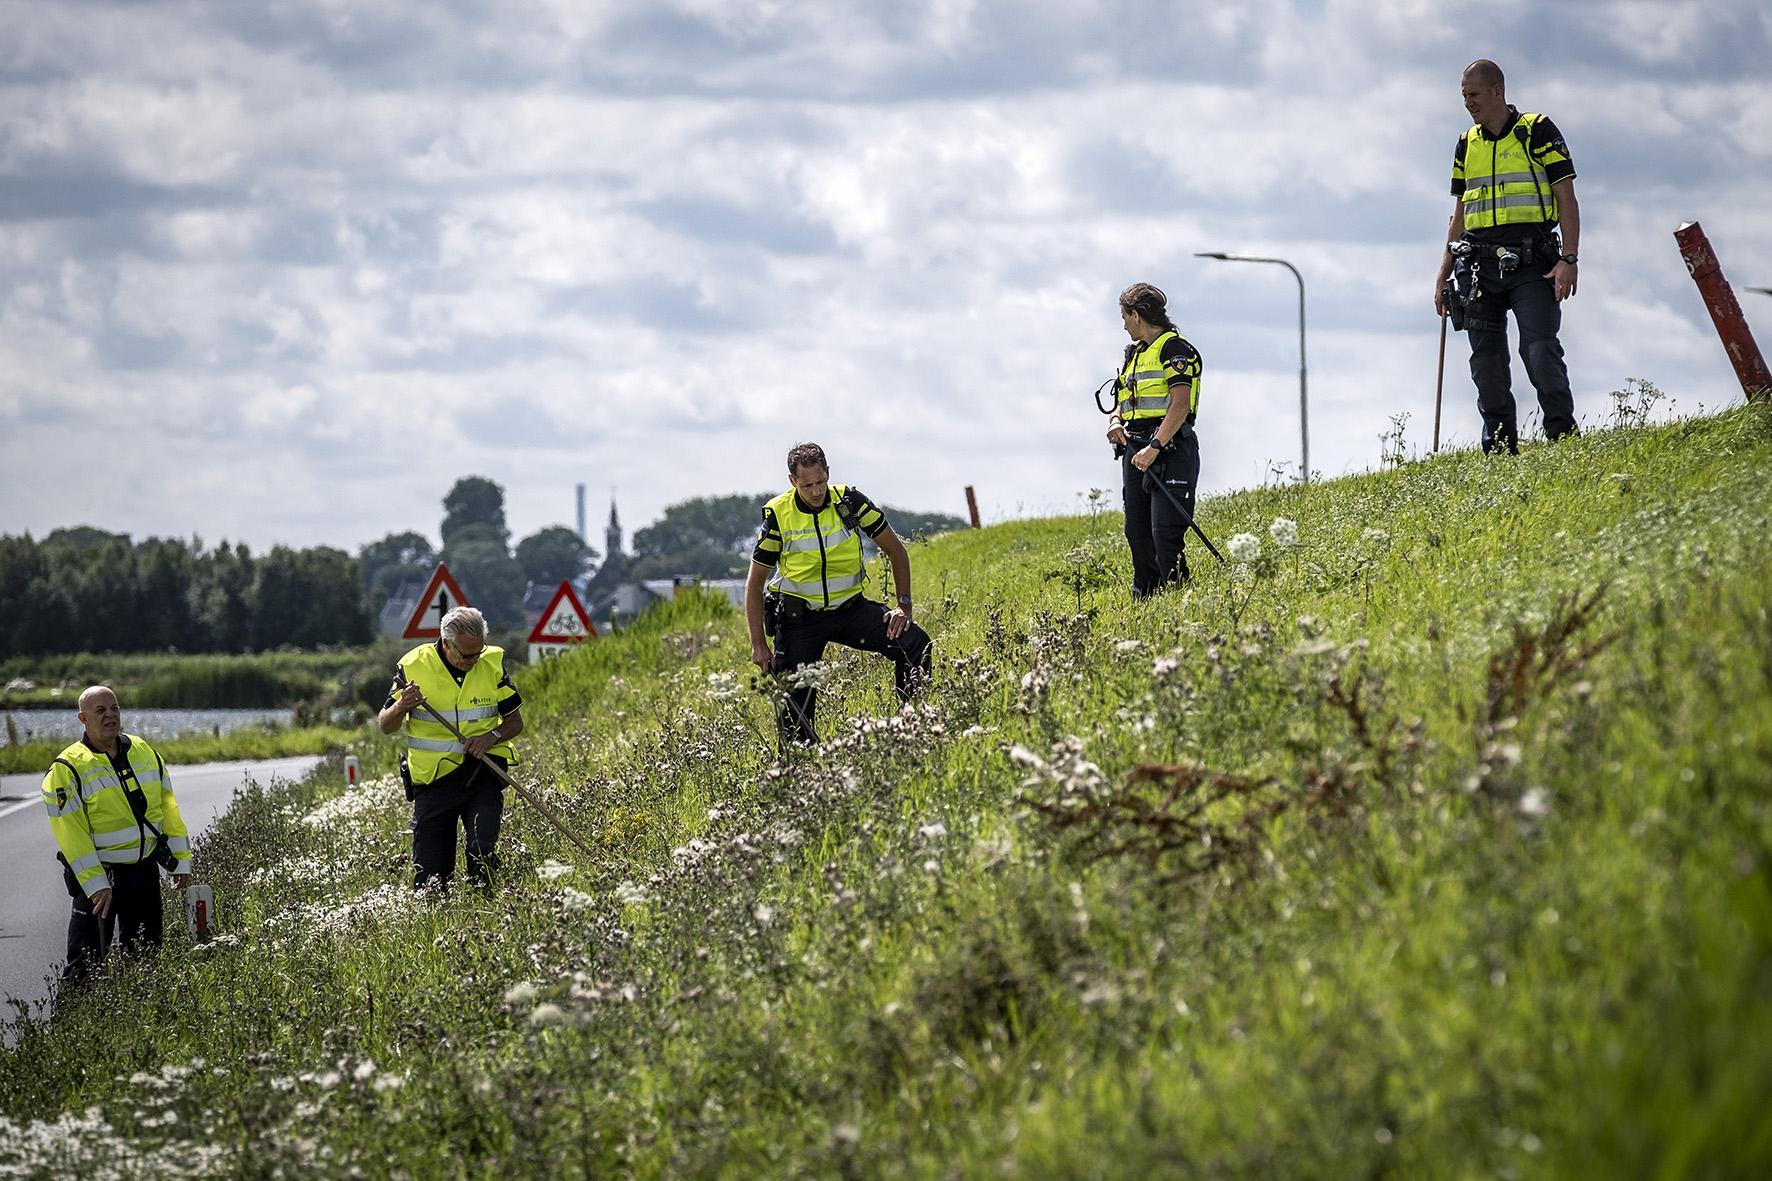 Op deze foto zie je politie doet die onderzoekdoekt in de berm op de plek waar een meisje van 14 jaar uit Marken is gevonden langs de dijk tussen Monnickendam en Marken. De politie is bezig met een zoektocht in de berm voor eventueel meer bewijs.